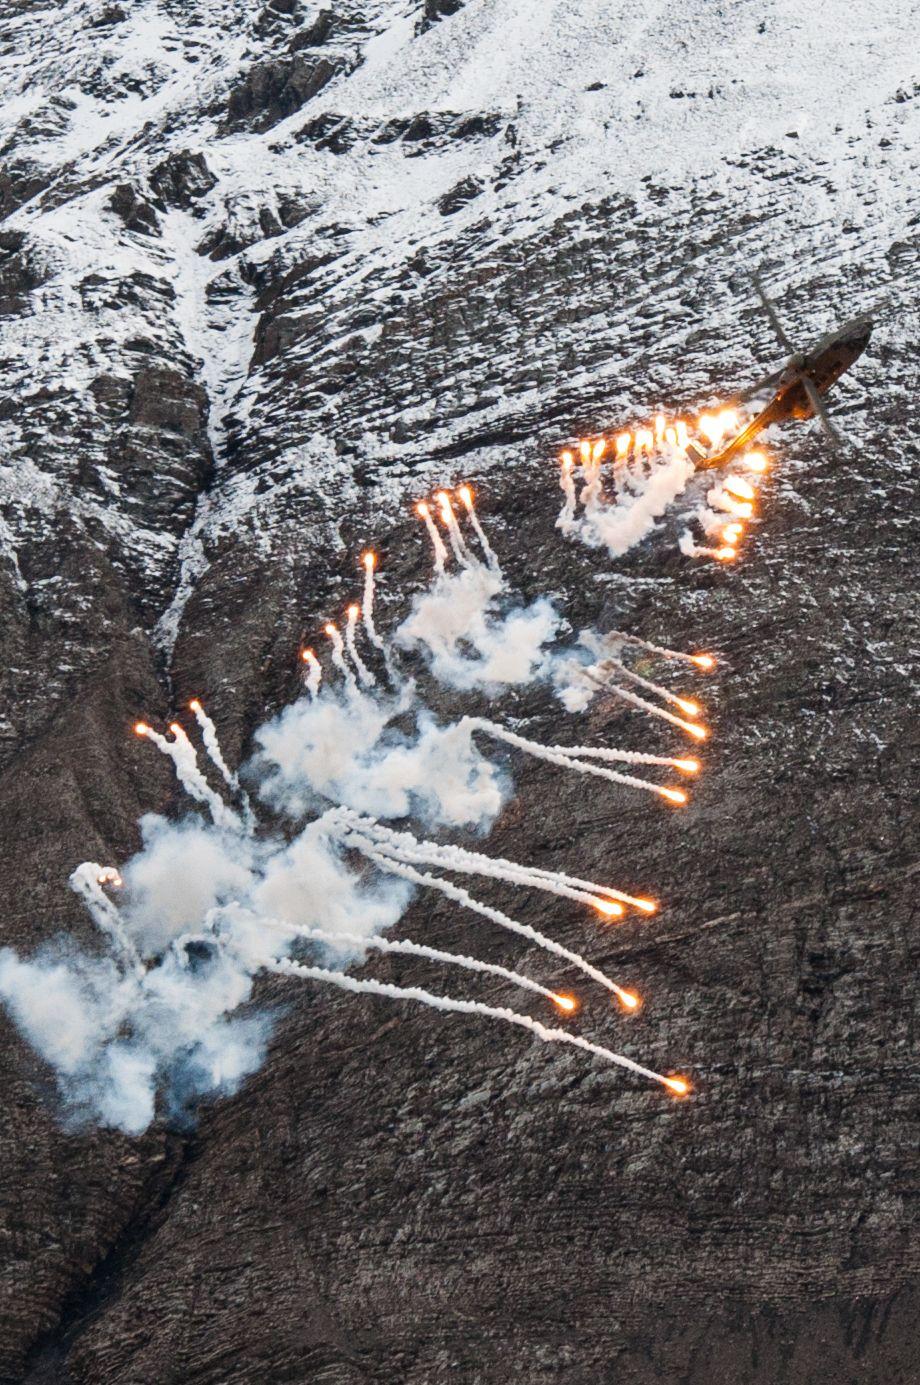 Air force live fire event Axalp 2012 - 10-11 Oct 2012 - Pagina 2 000199